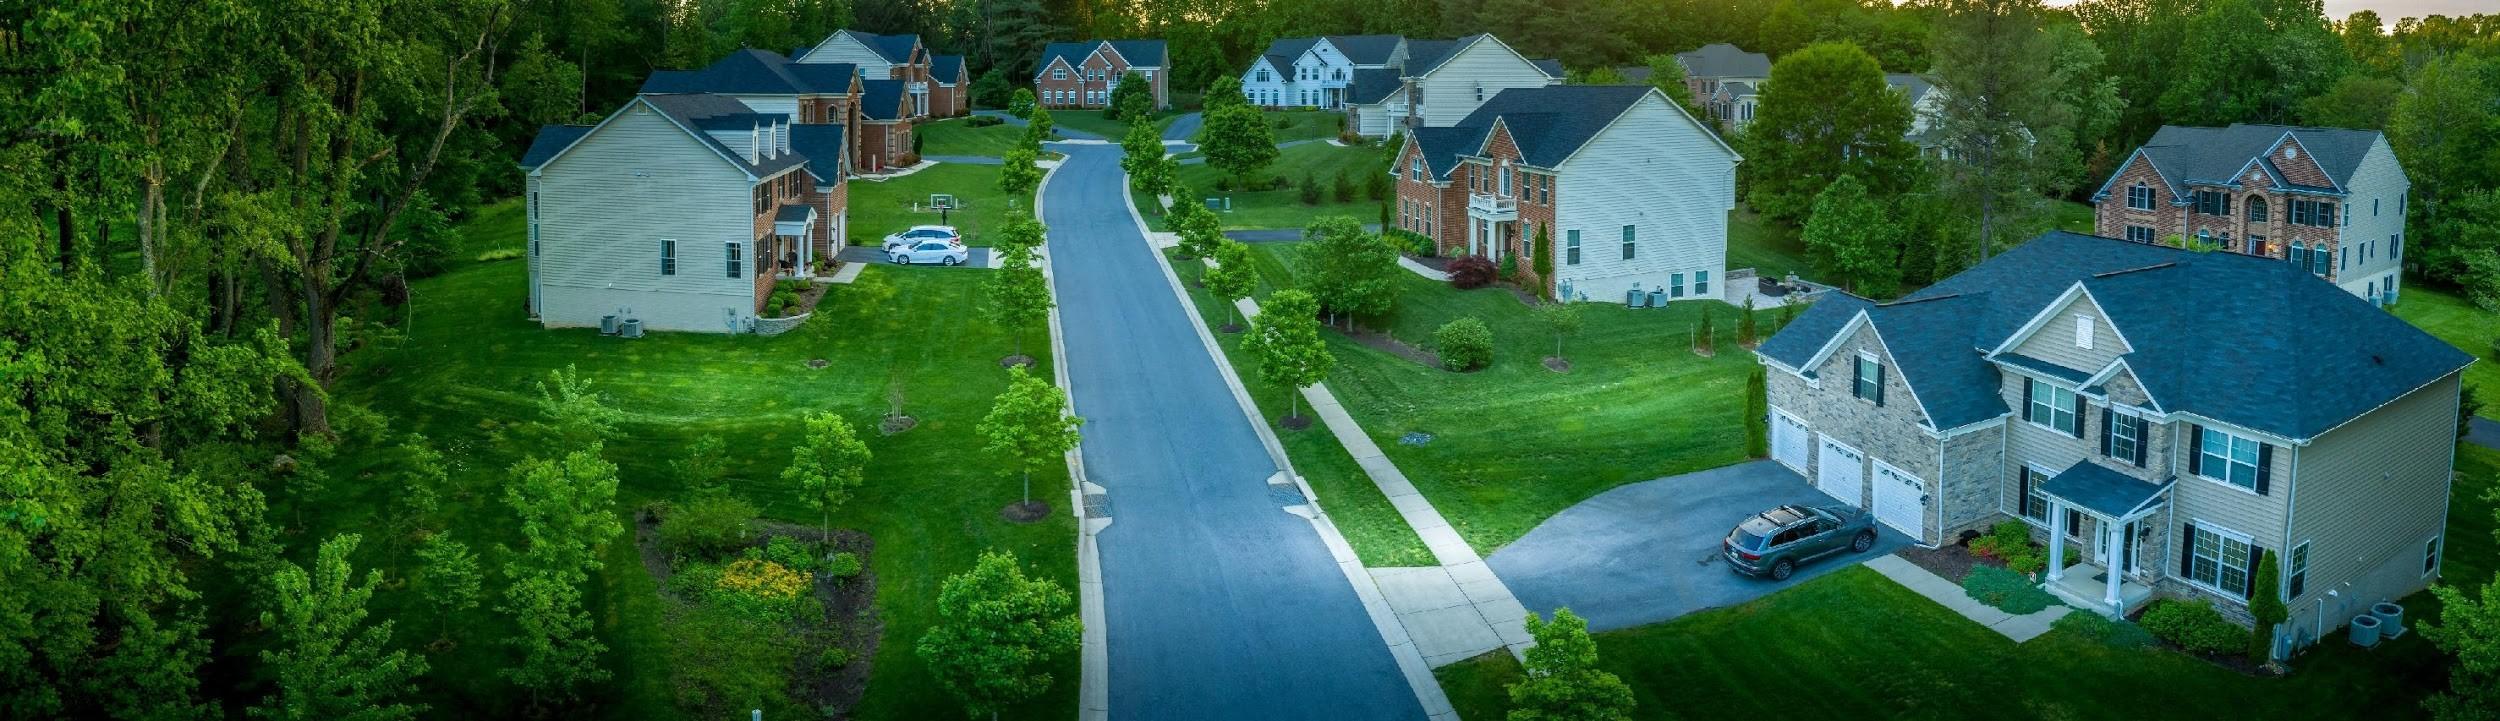 Roofing for Elmhurst residents